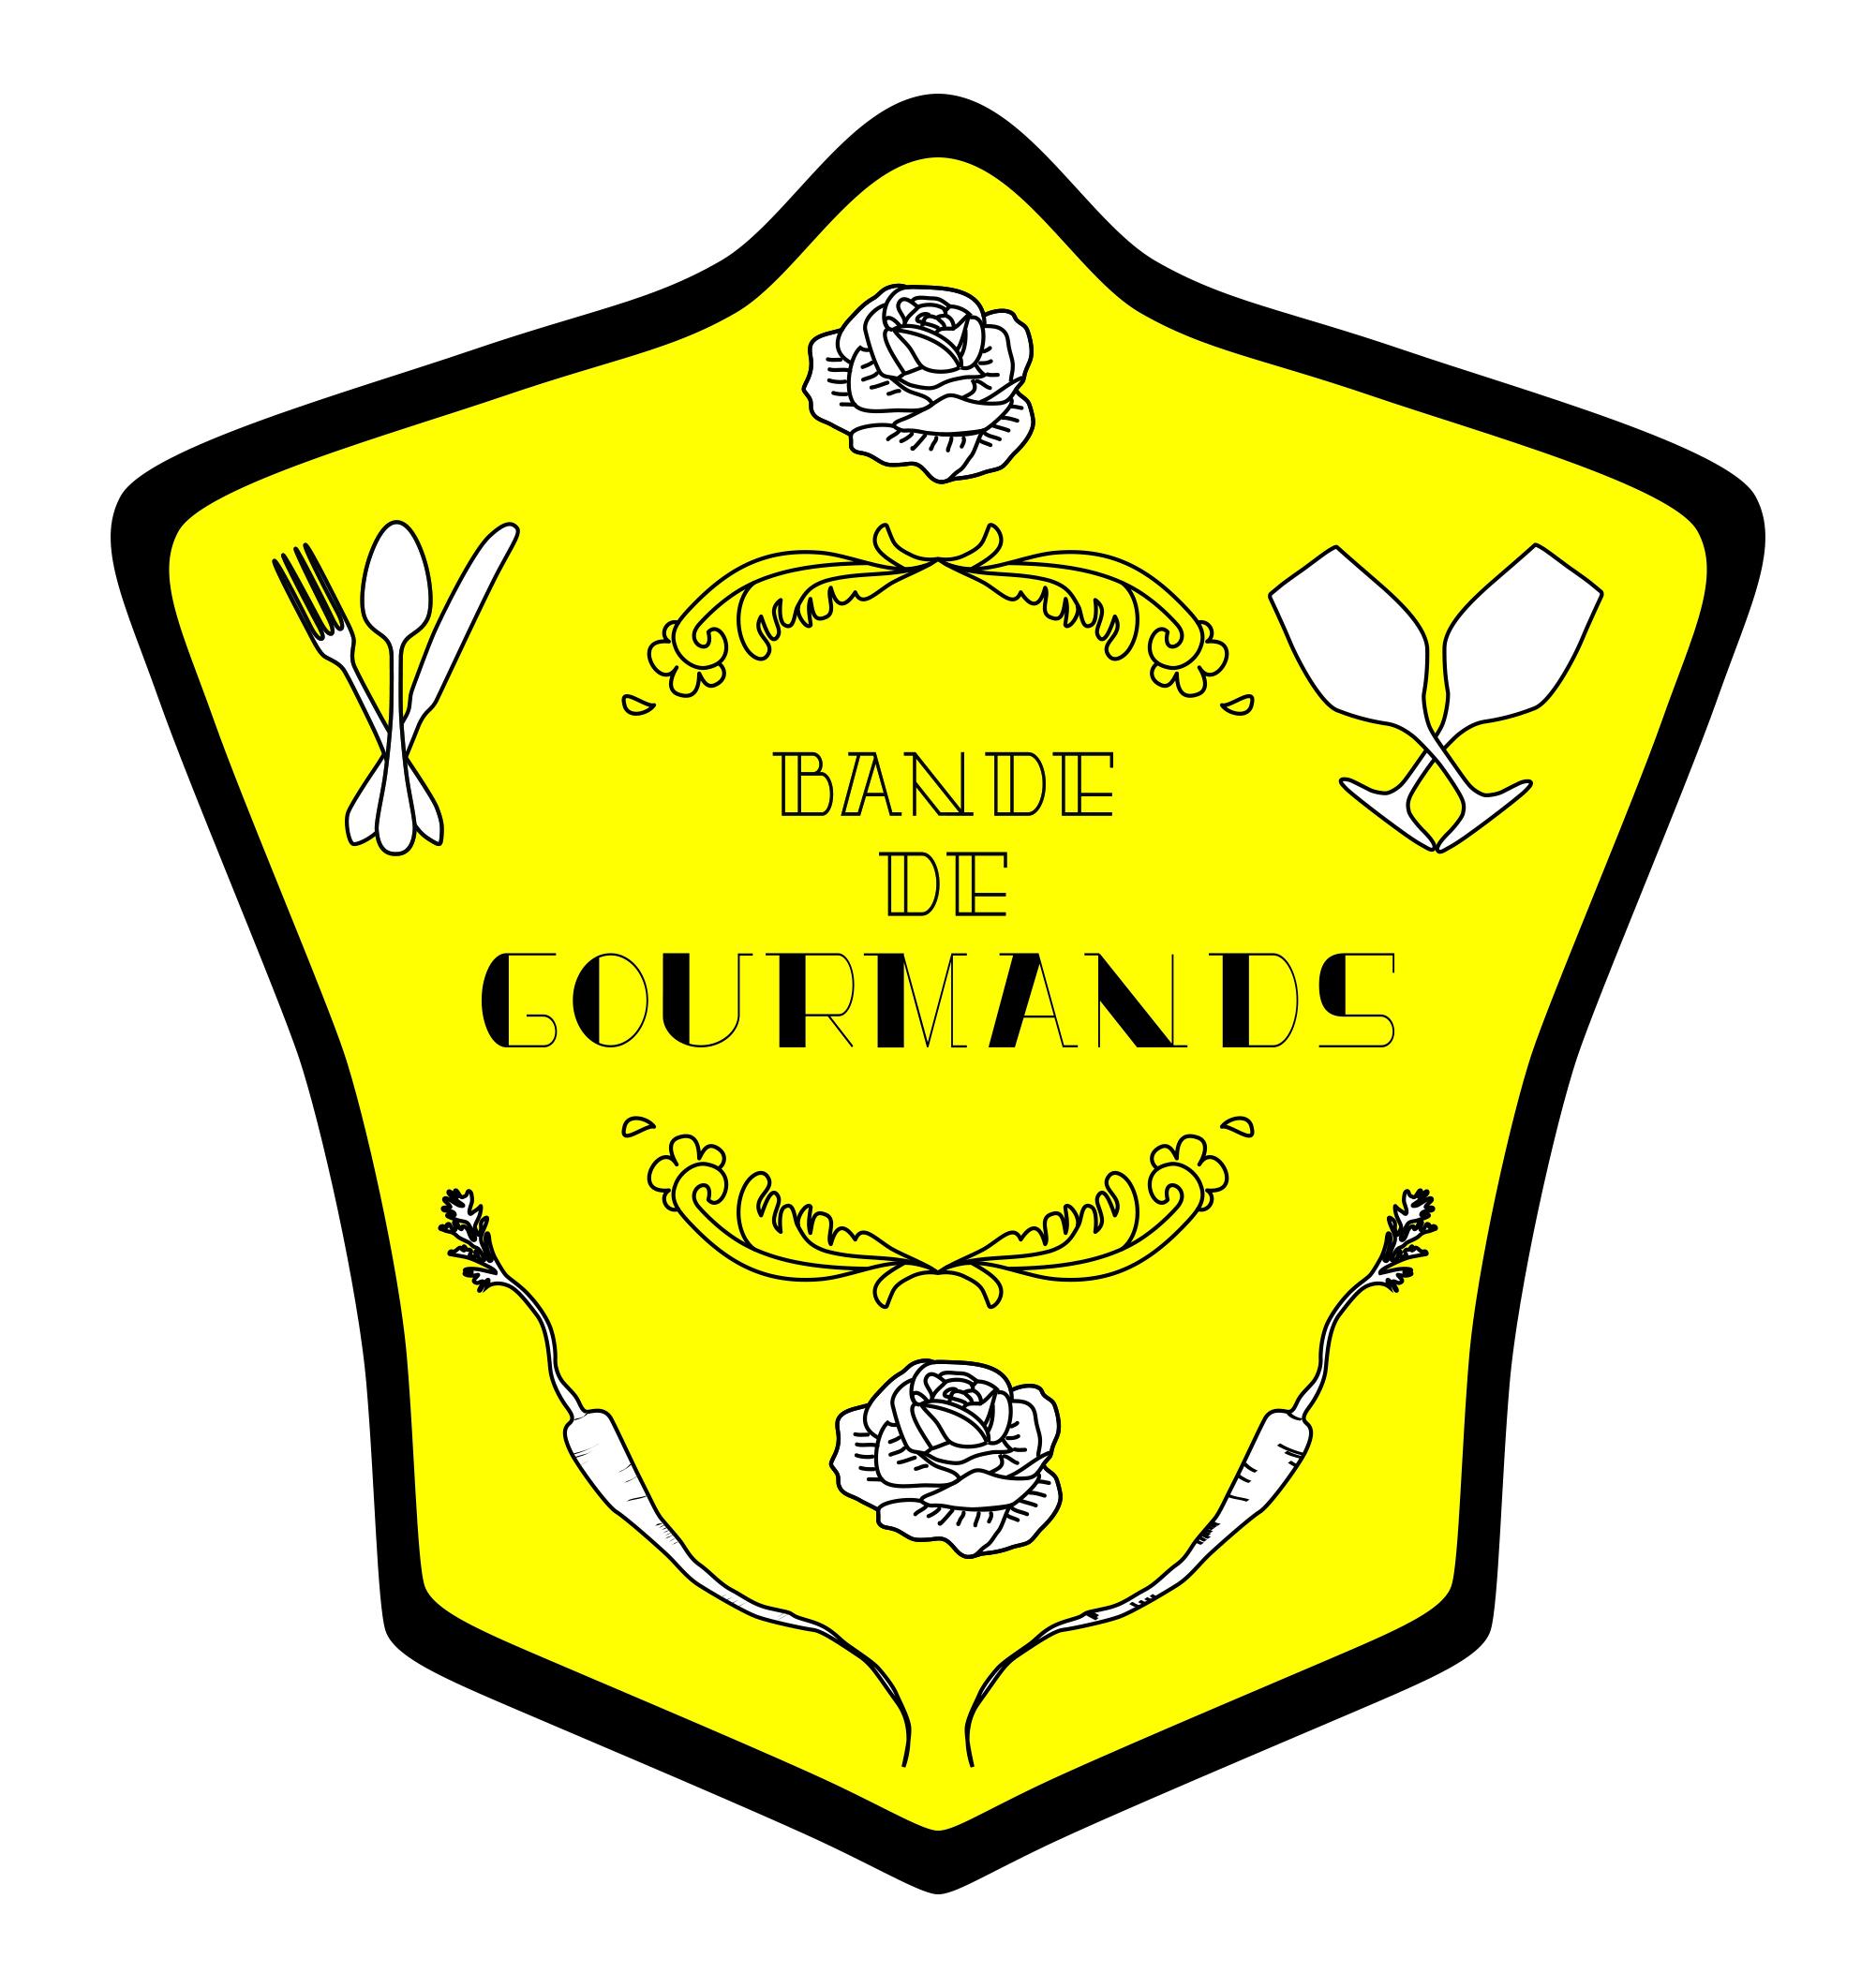 Logo-Ecusson_Bande-de-Gourmands_FINAL_jaune